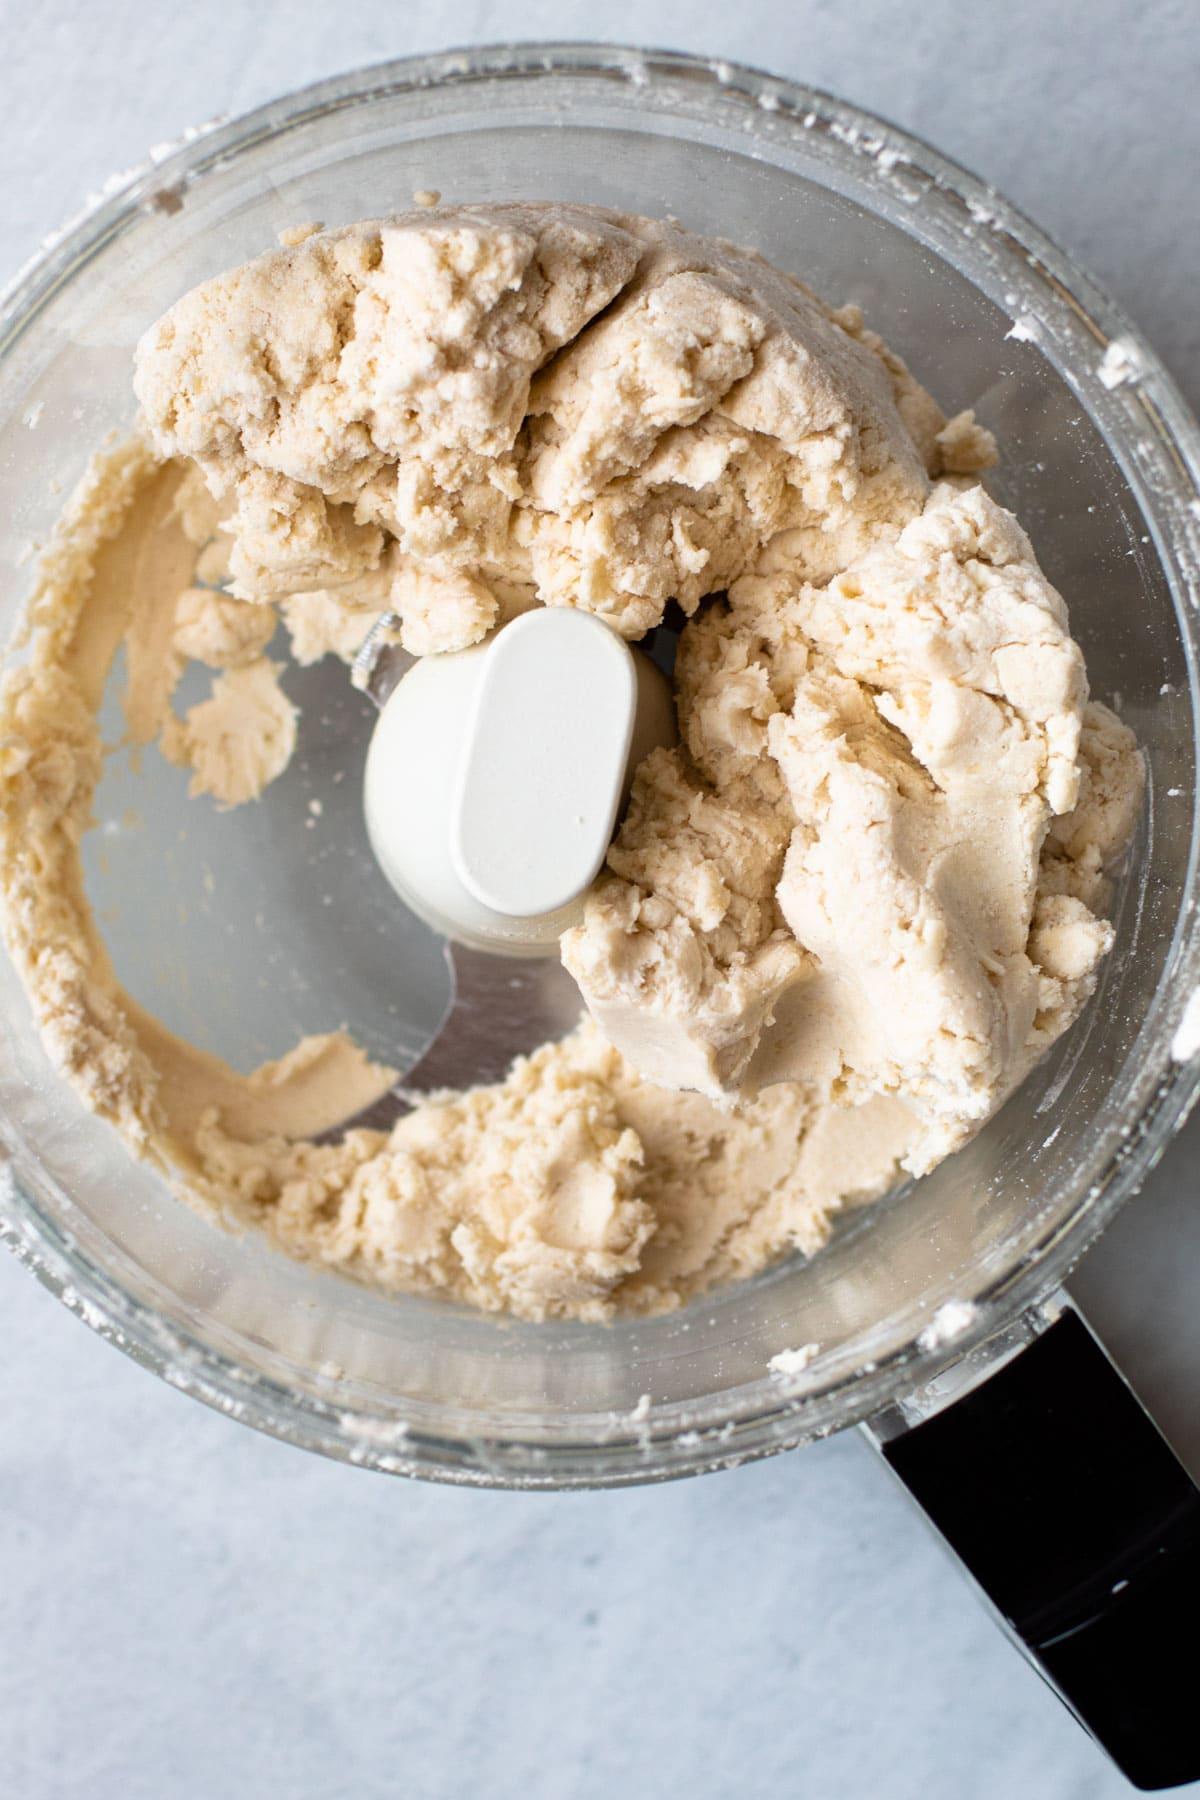 Gluten-free pie crust in a food processor.